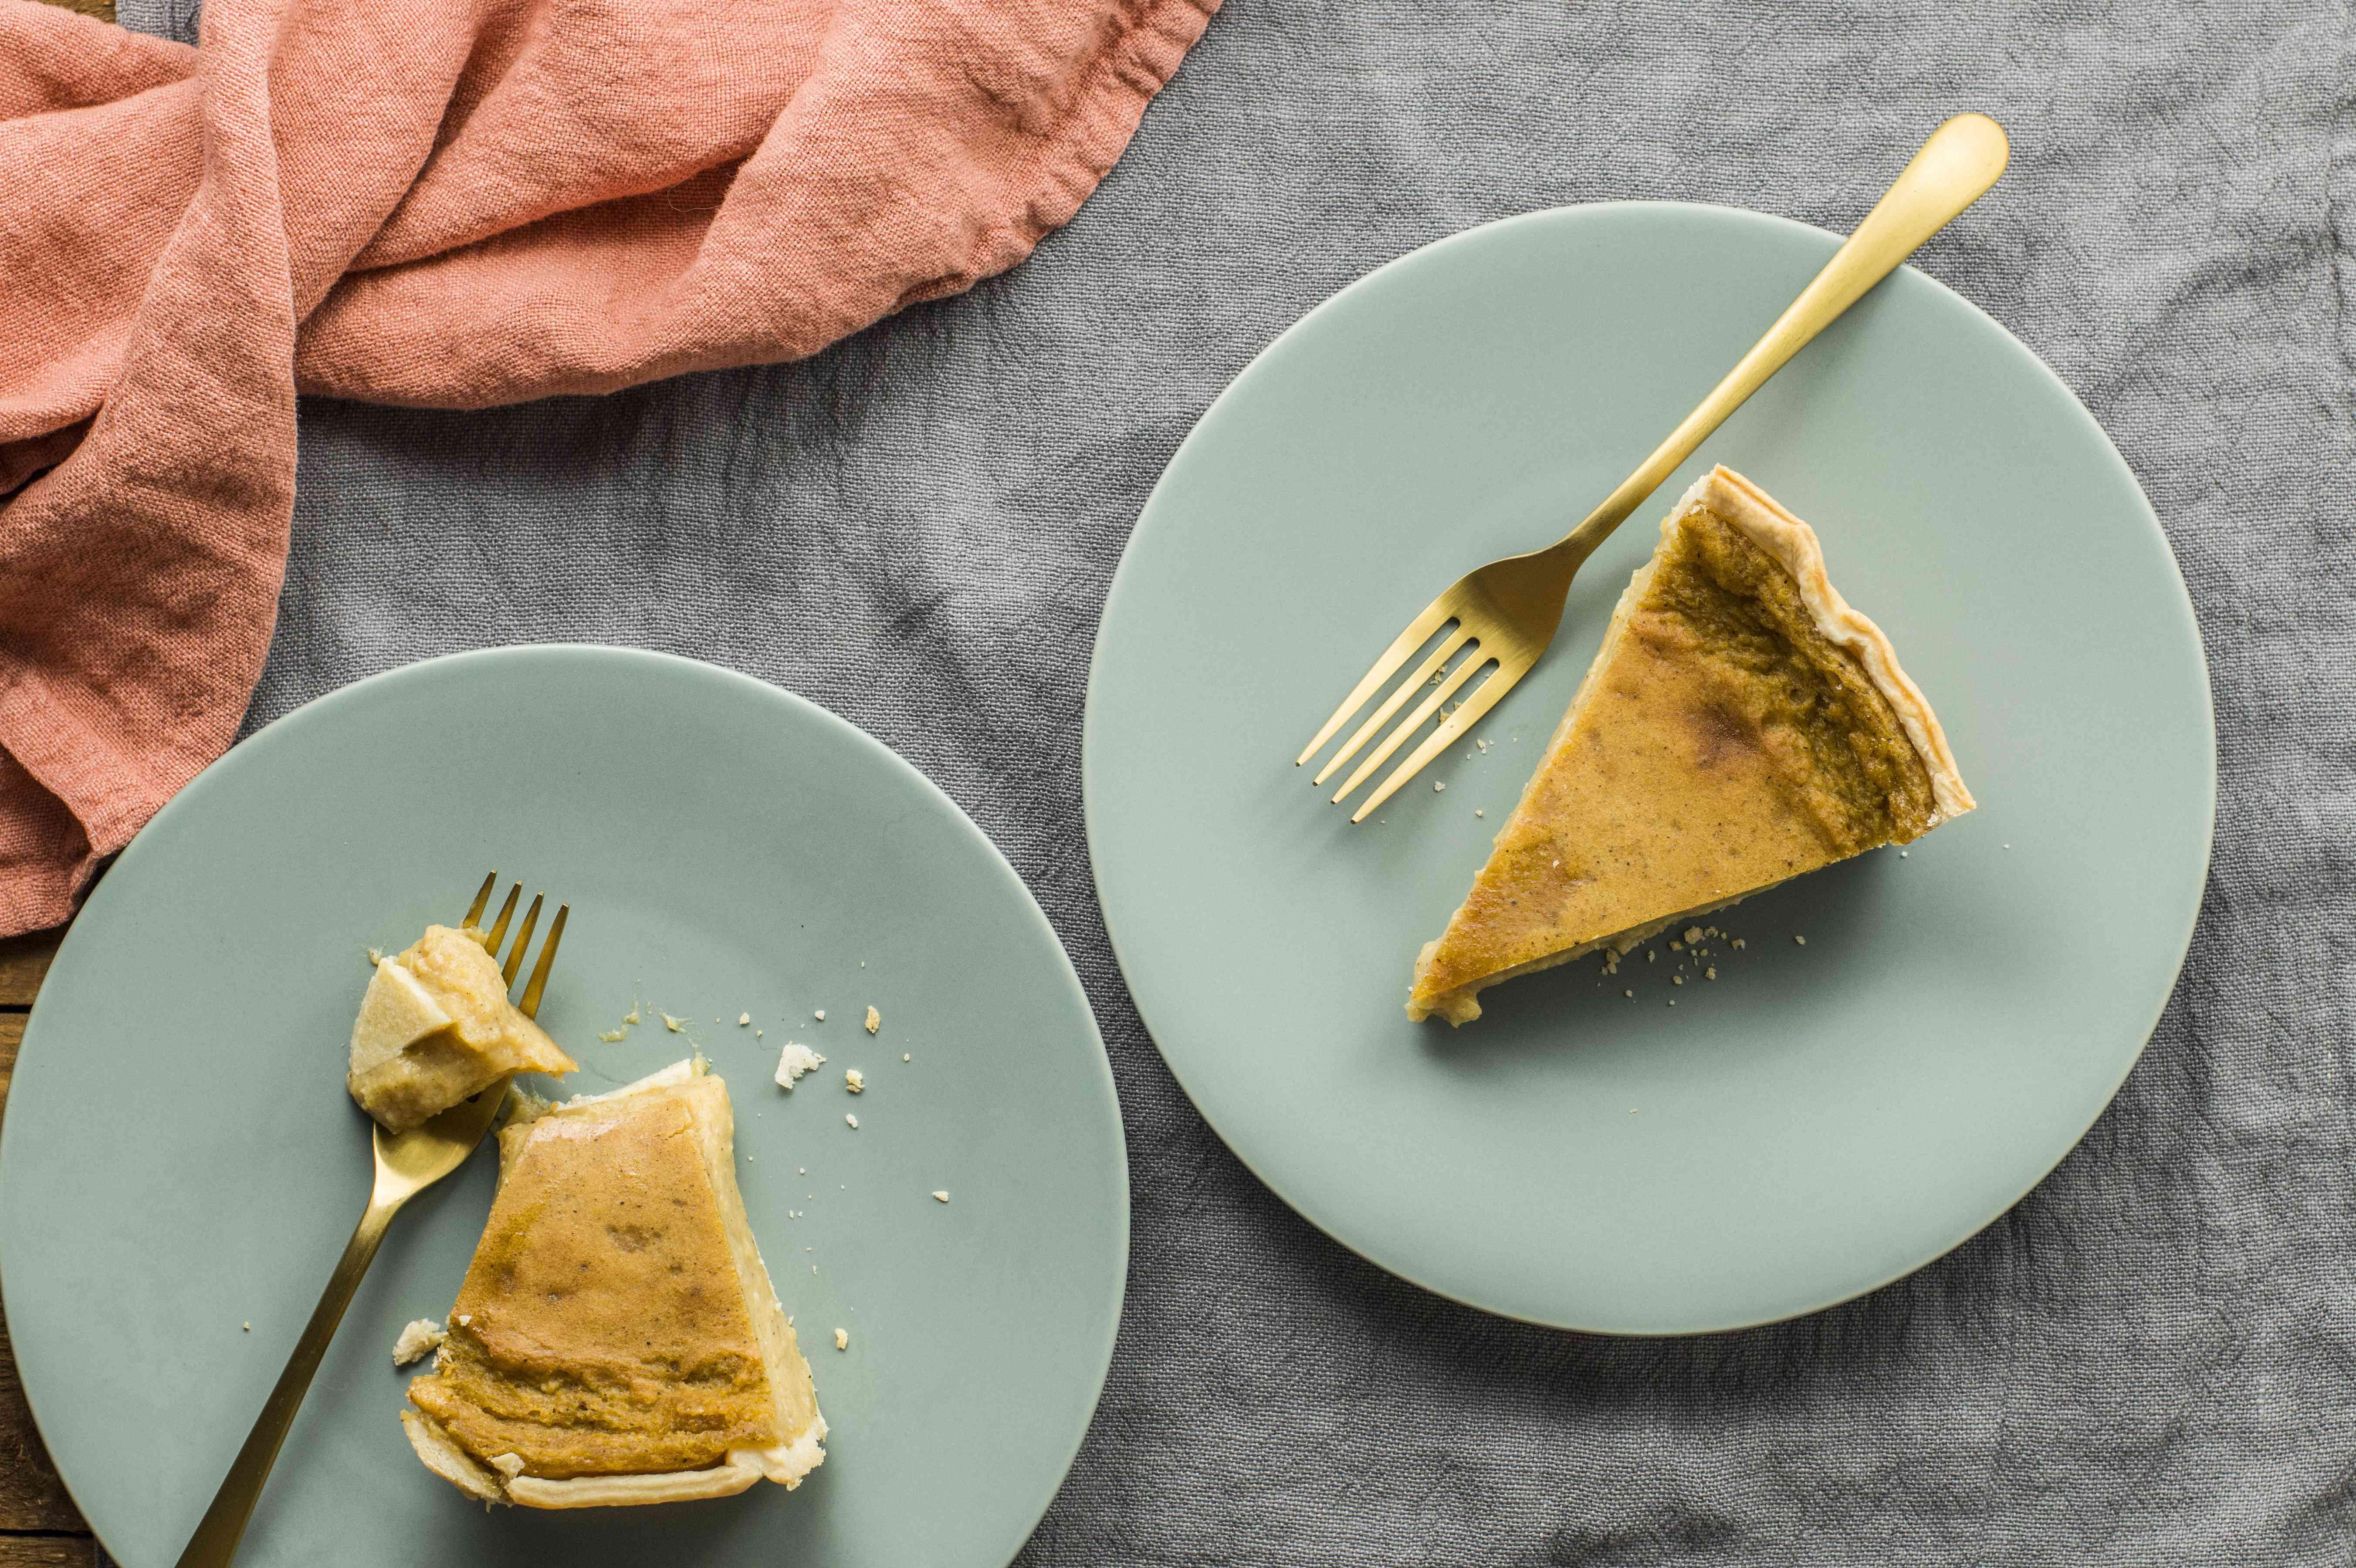 Pie slices on plates